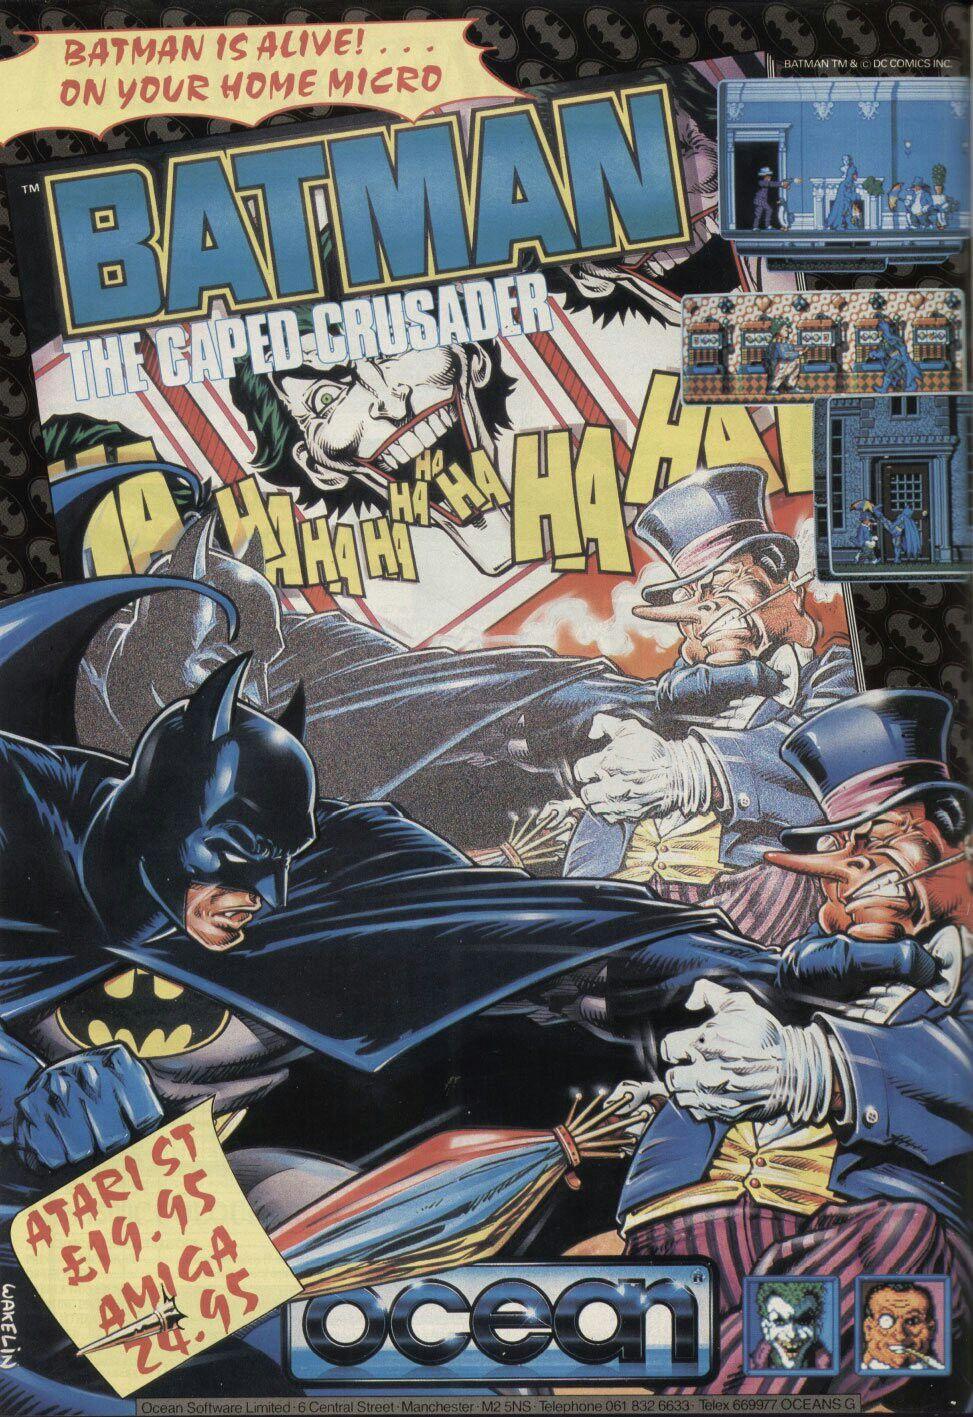 Batman The Caped Crusader (1988) Batman